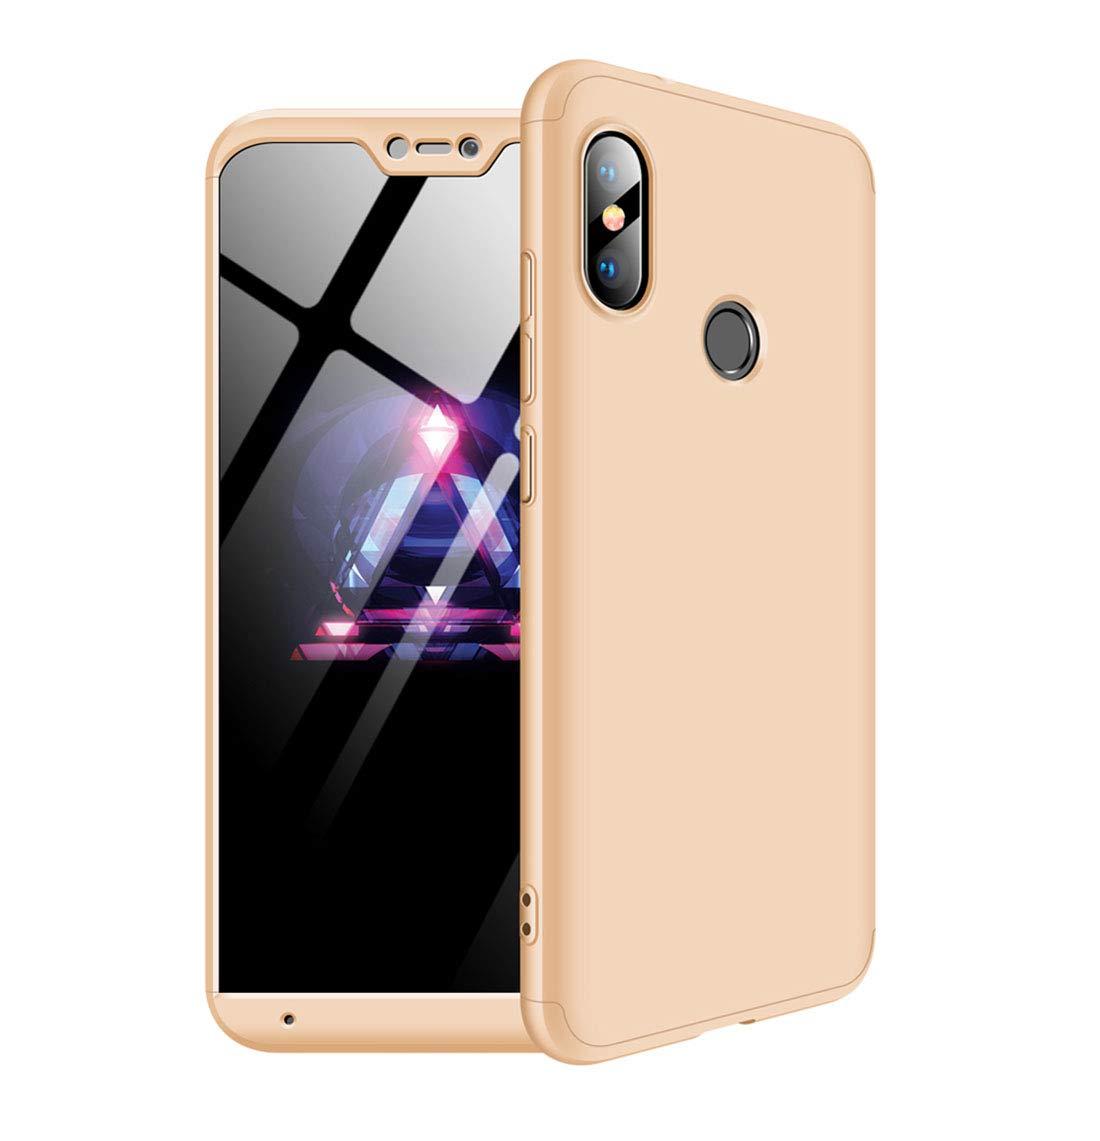 MYLB Xiaomi Redmi 6 Pro Case/Xiaomi Mi A2 Lite case,360 Degree Full Body  Coverage Protection [3 in 1] Anti-Scratch Detachable PC Hard Cover  Protective